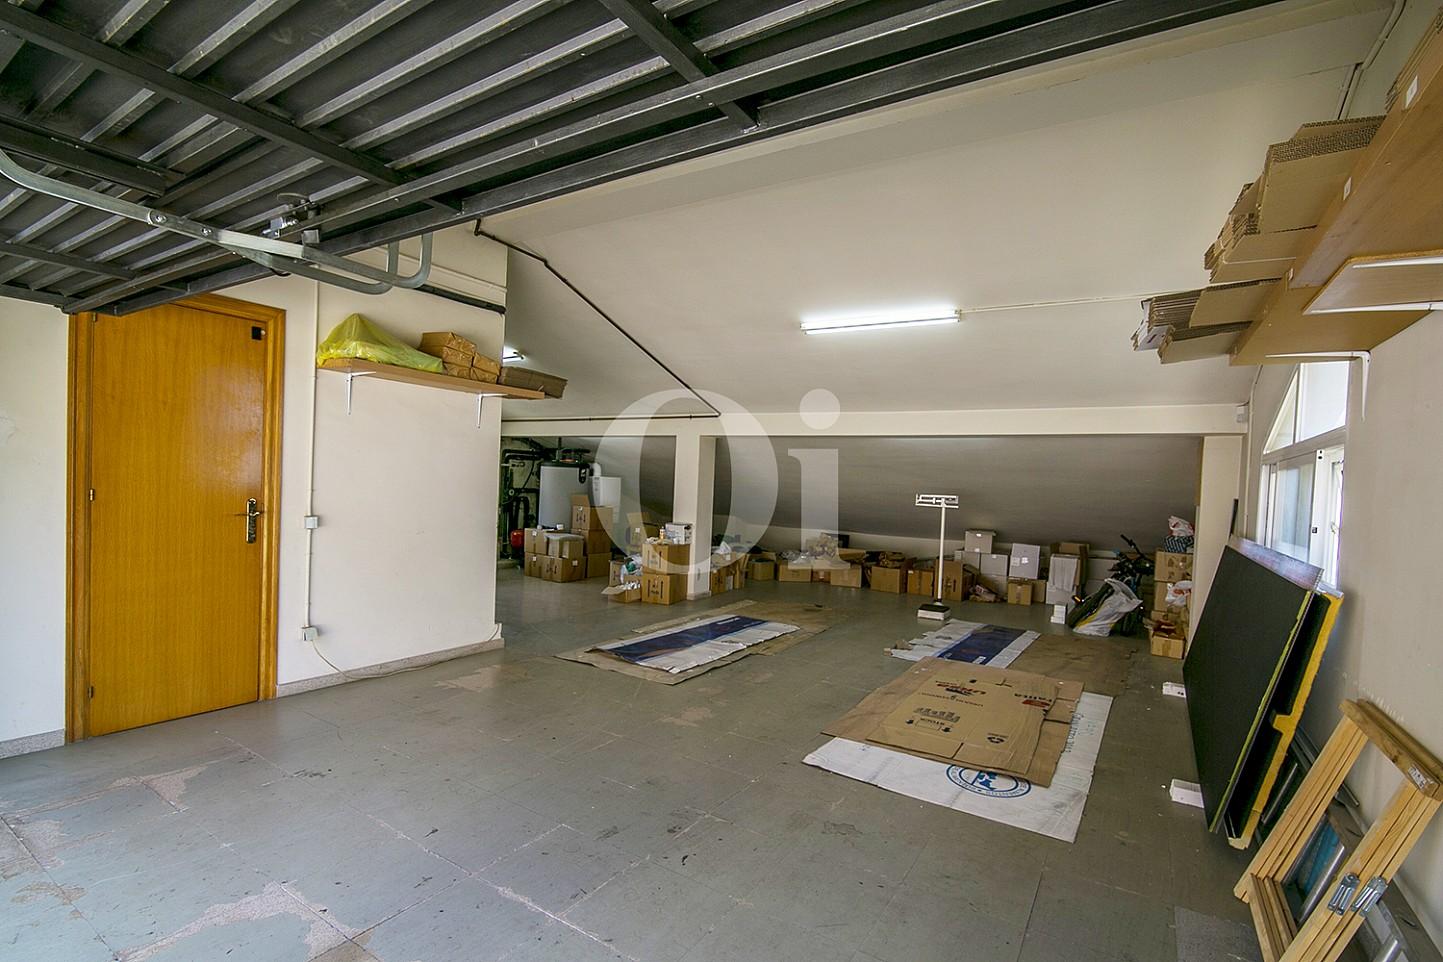 Подсобное помещение и гараж эксклюзивного жилья на Mas Ram в Бадалоне